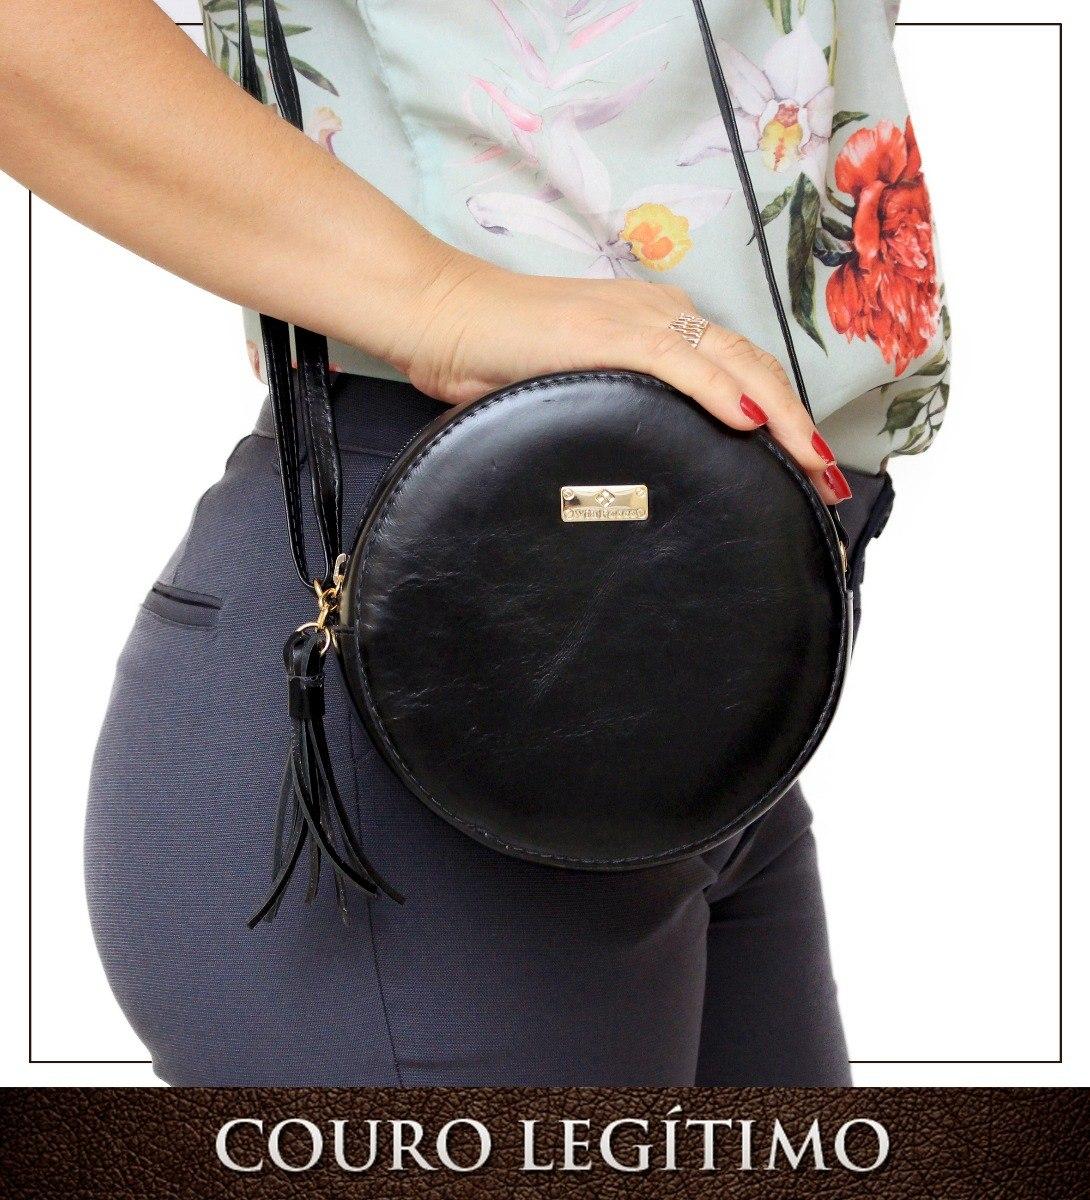 71ad9d481 Bolsa Couro Legítimo Feminina Barata Redonda - R$ 121,00 em Mercado ...